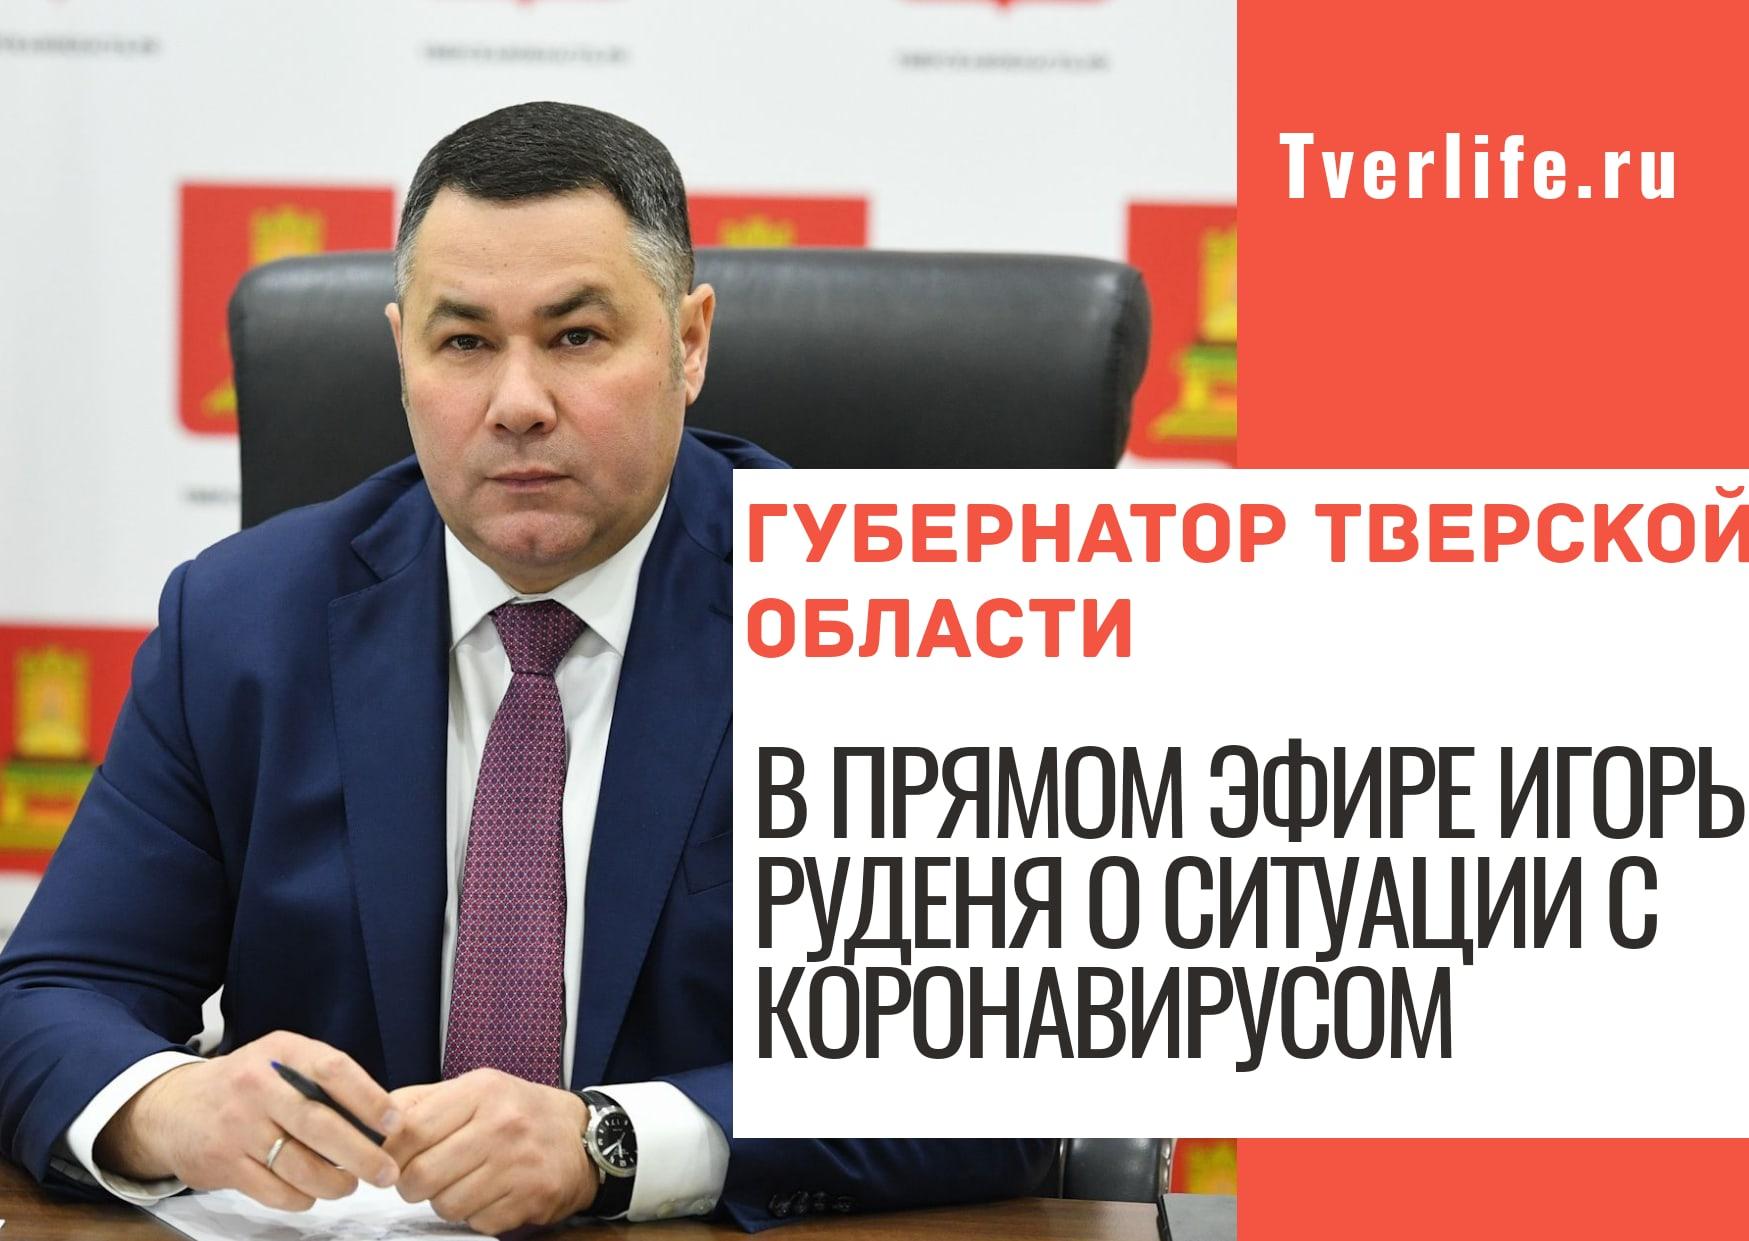 Стартовал прямой эфир с губернатором Тверской области по теме коронавируса